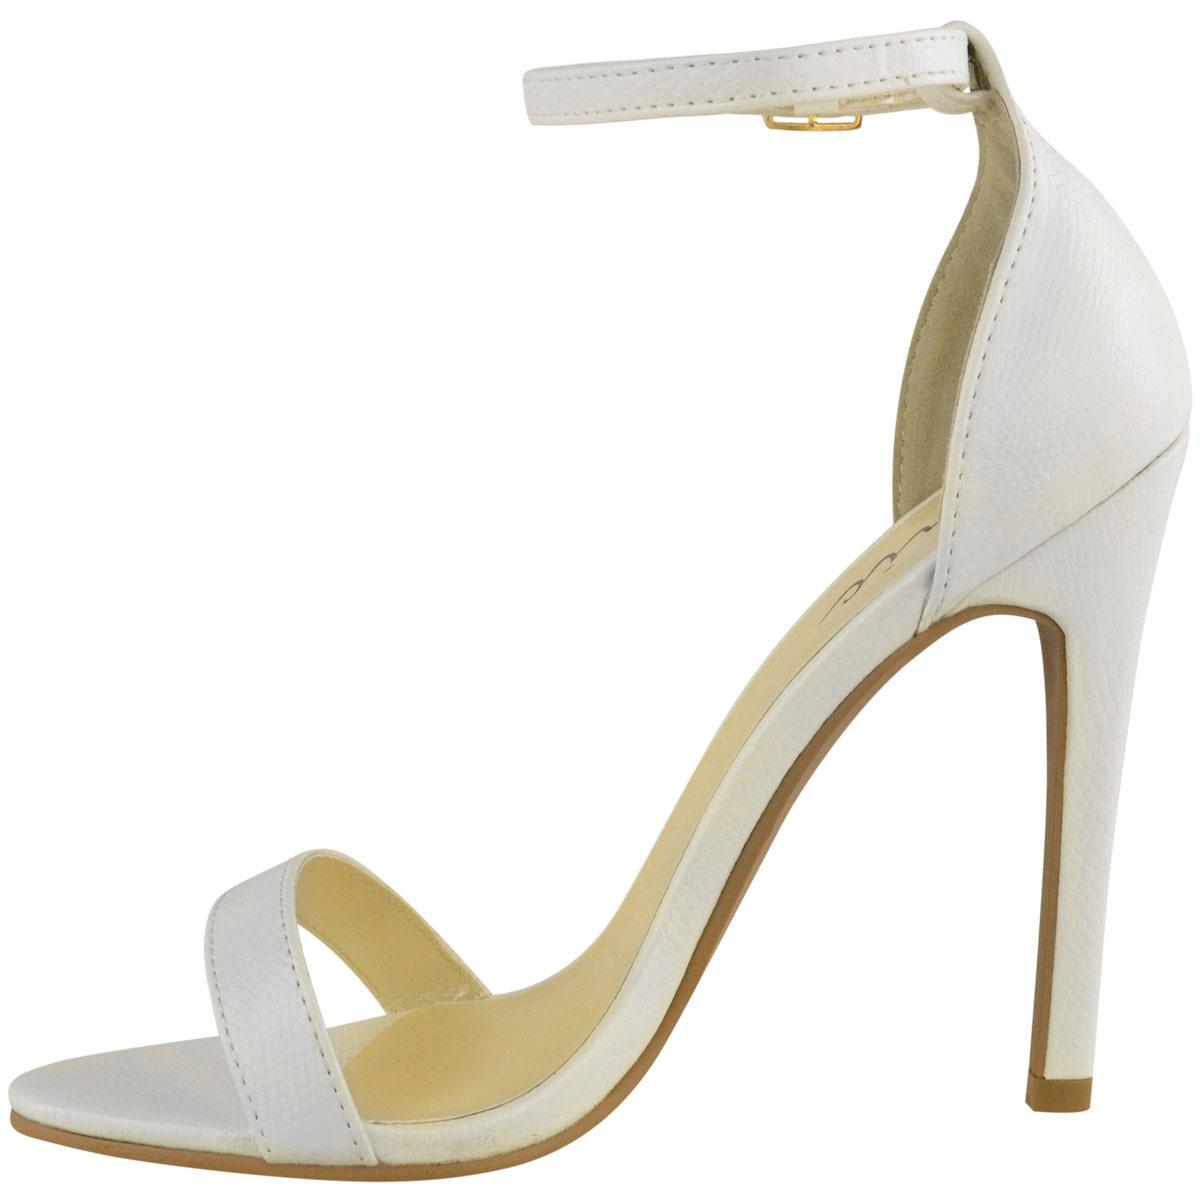 Donna-tacchi-alti-Stilettos-Cinturini-alla-Caviglia-Polsino-Punta-Aperta-Sandali-Scarpe-Taglia